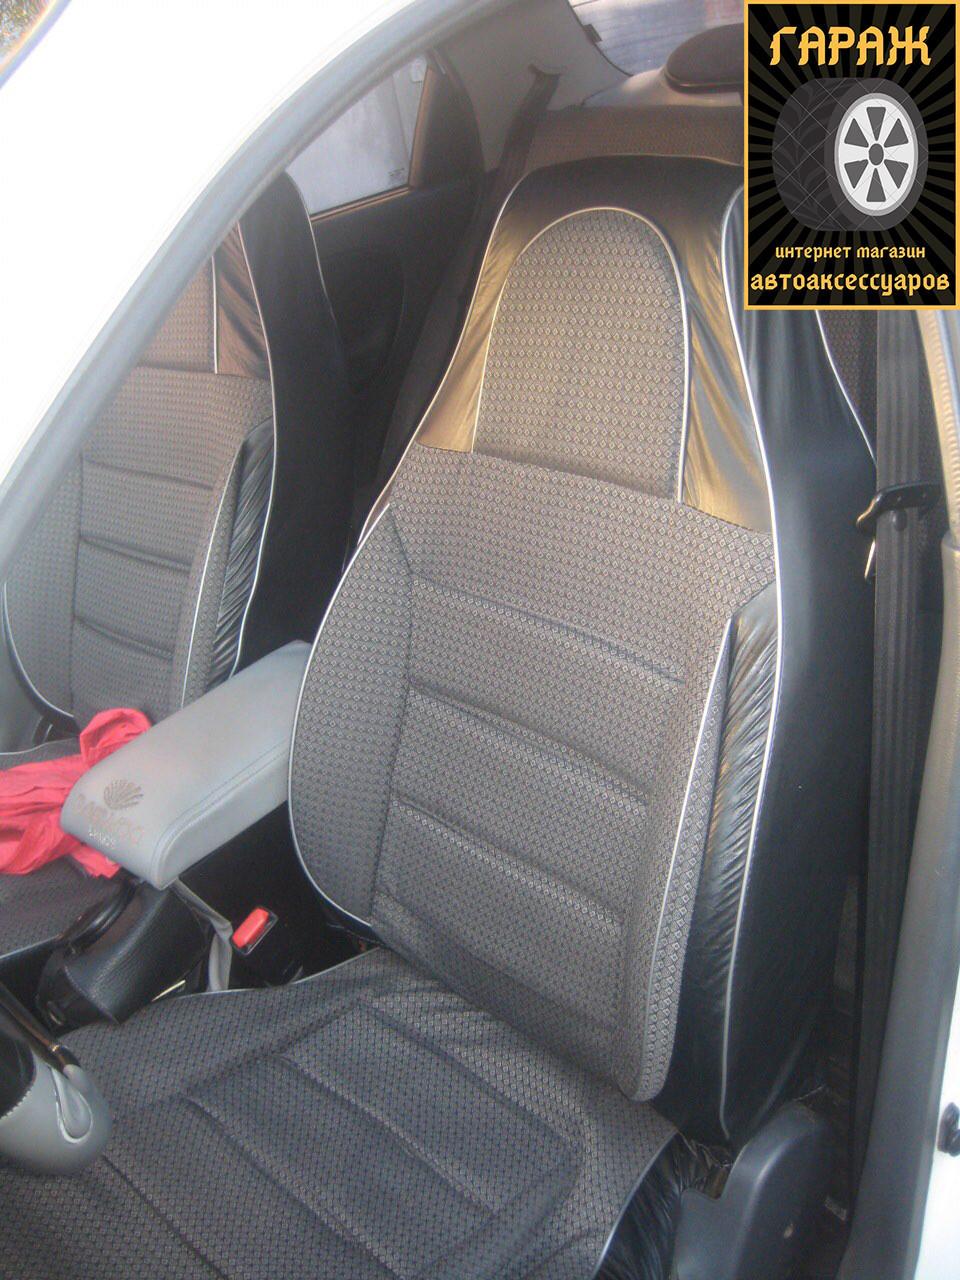 Чехлы сидений ВАЗ 2107 Пилот комплект кожзаменитель черный и ткань серая